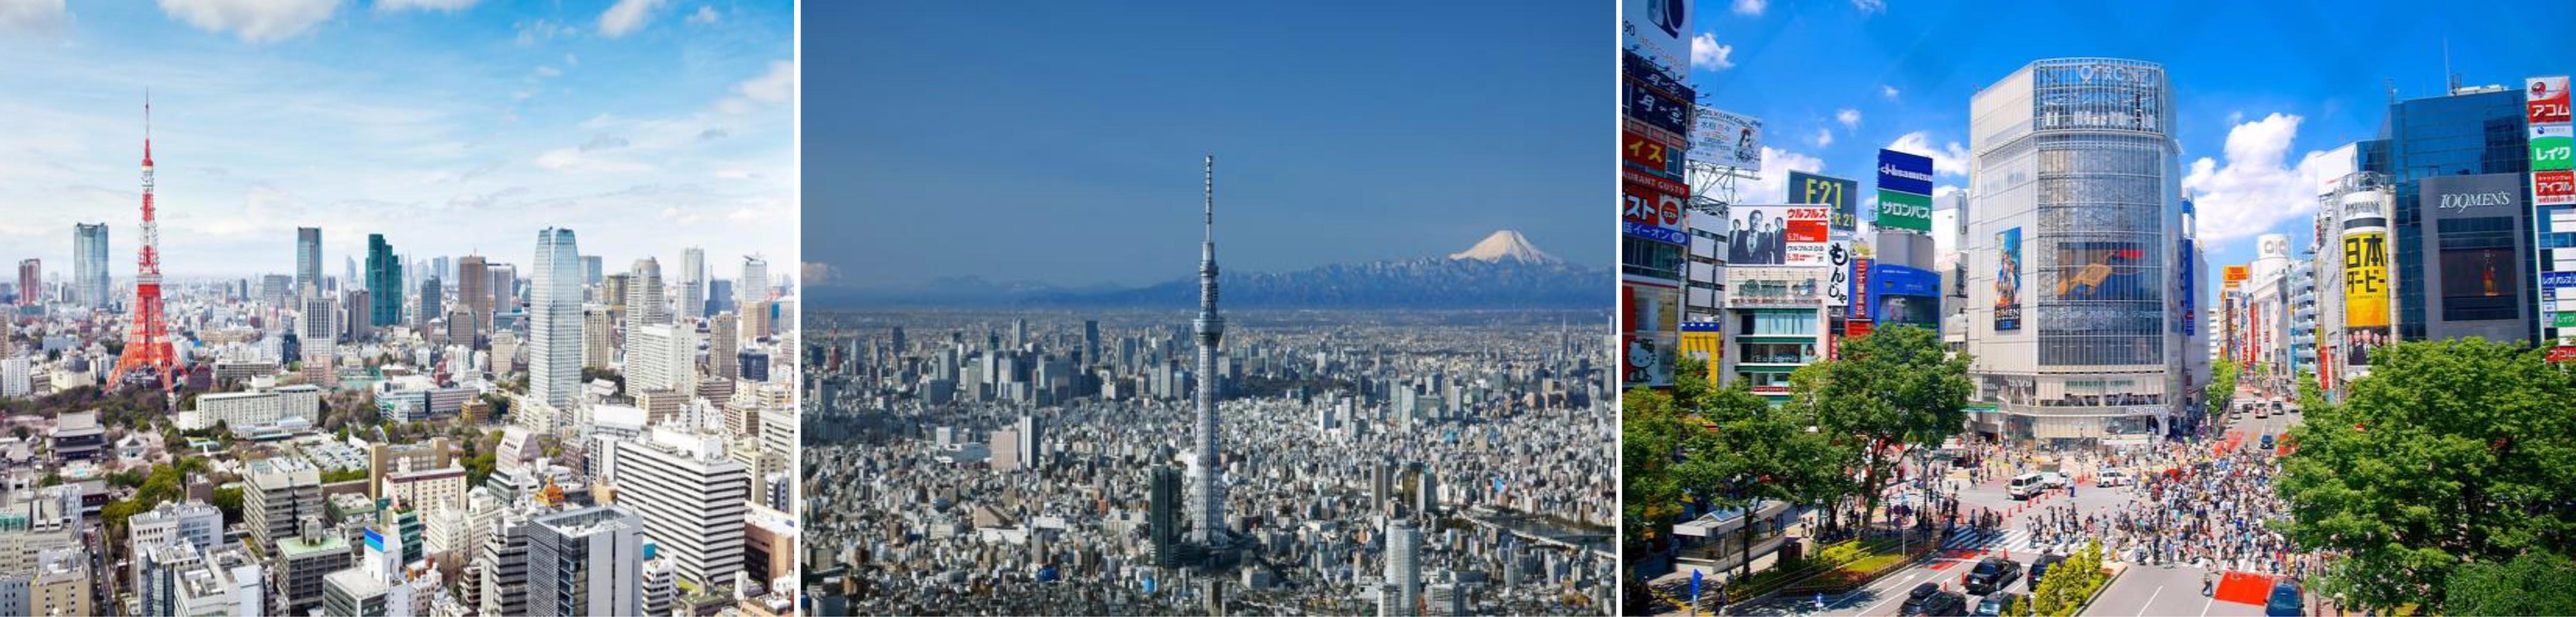 กรุงเทพฯ – นาริตะ – โตเกียว - 2